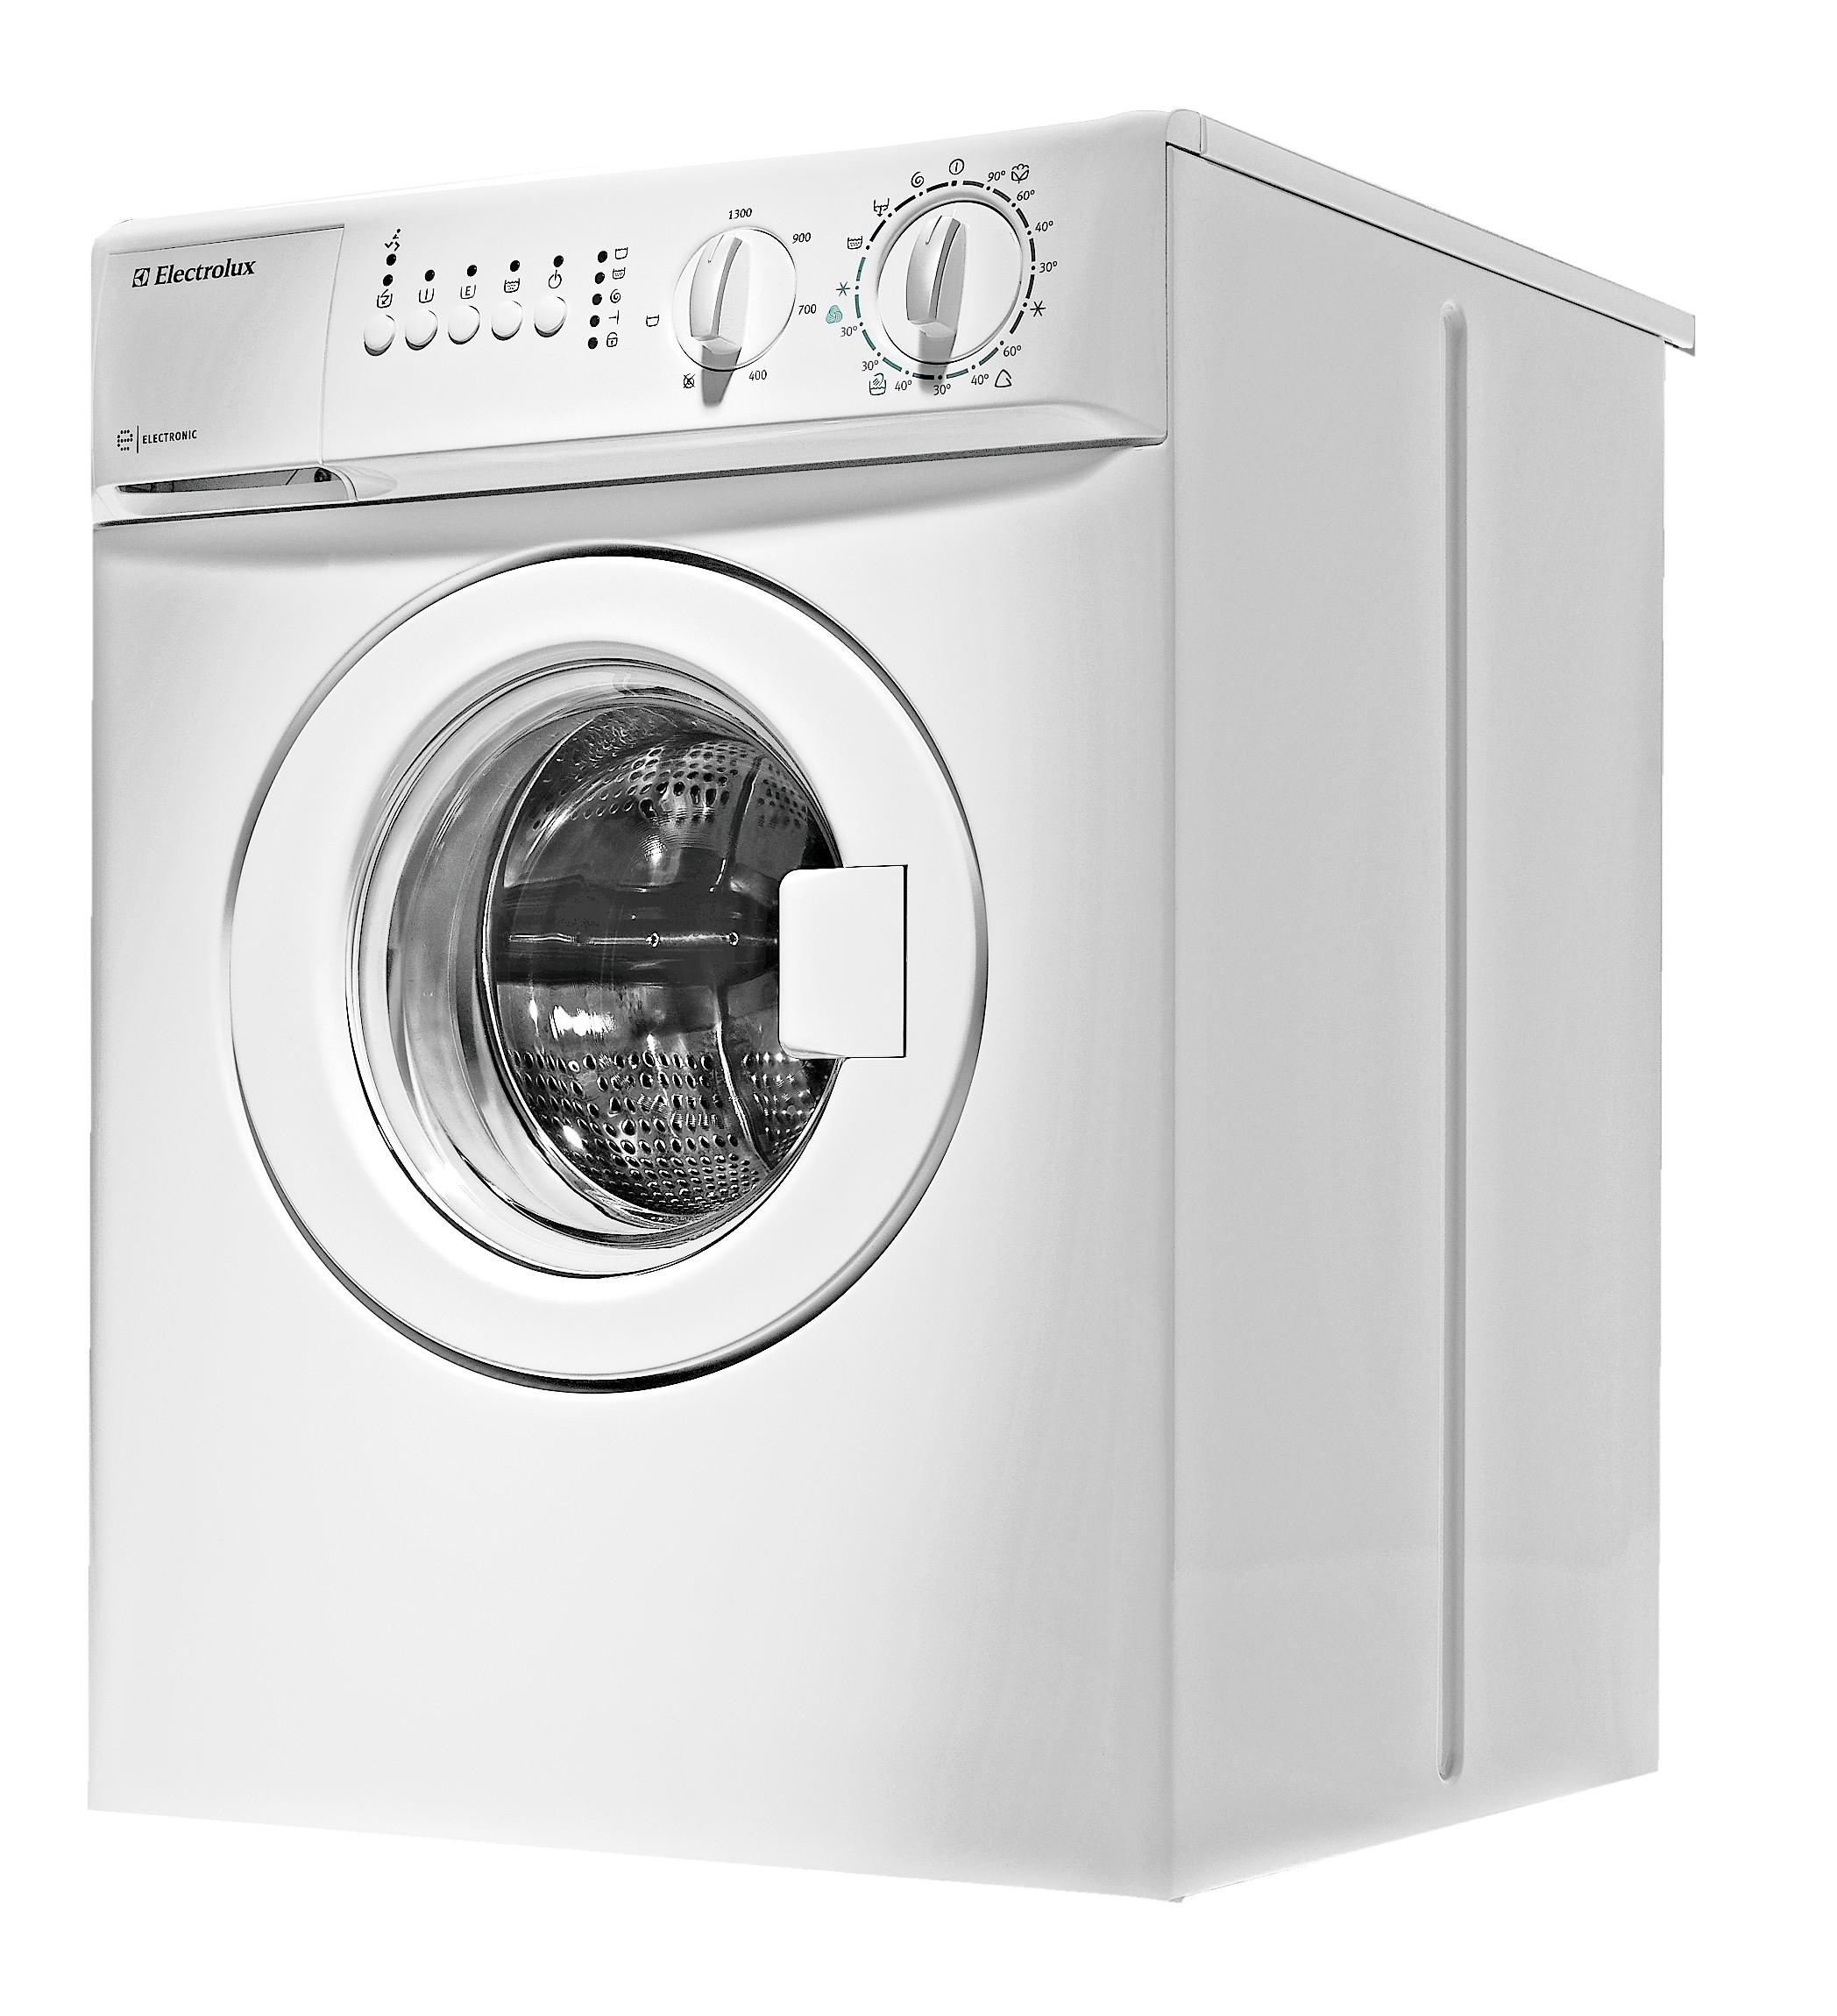 Tvättmaskin - fri frakt - Vitvaror på Elgiganten.se - Elgiganten